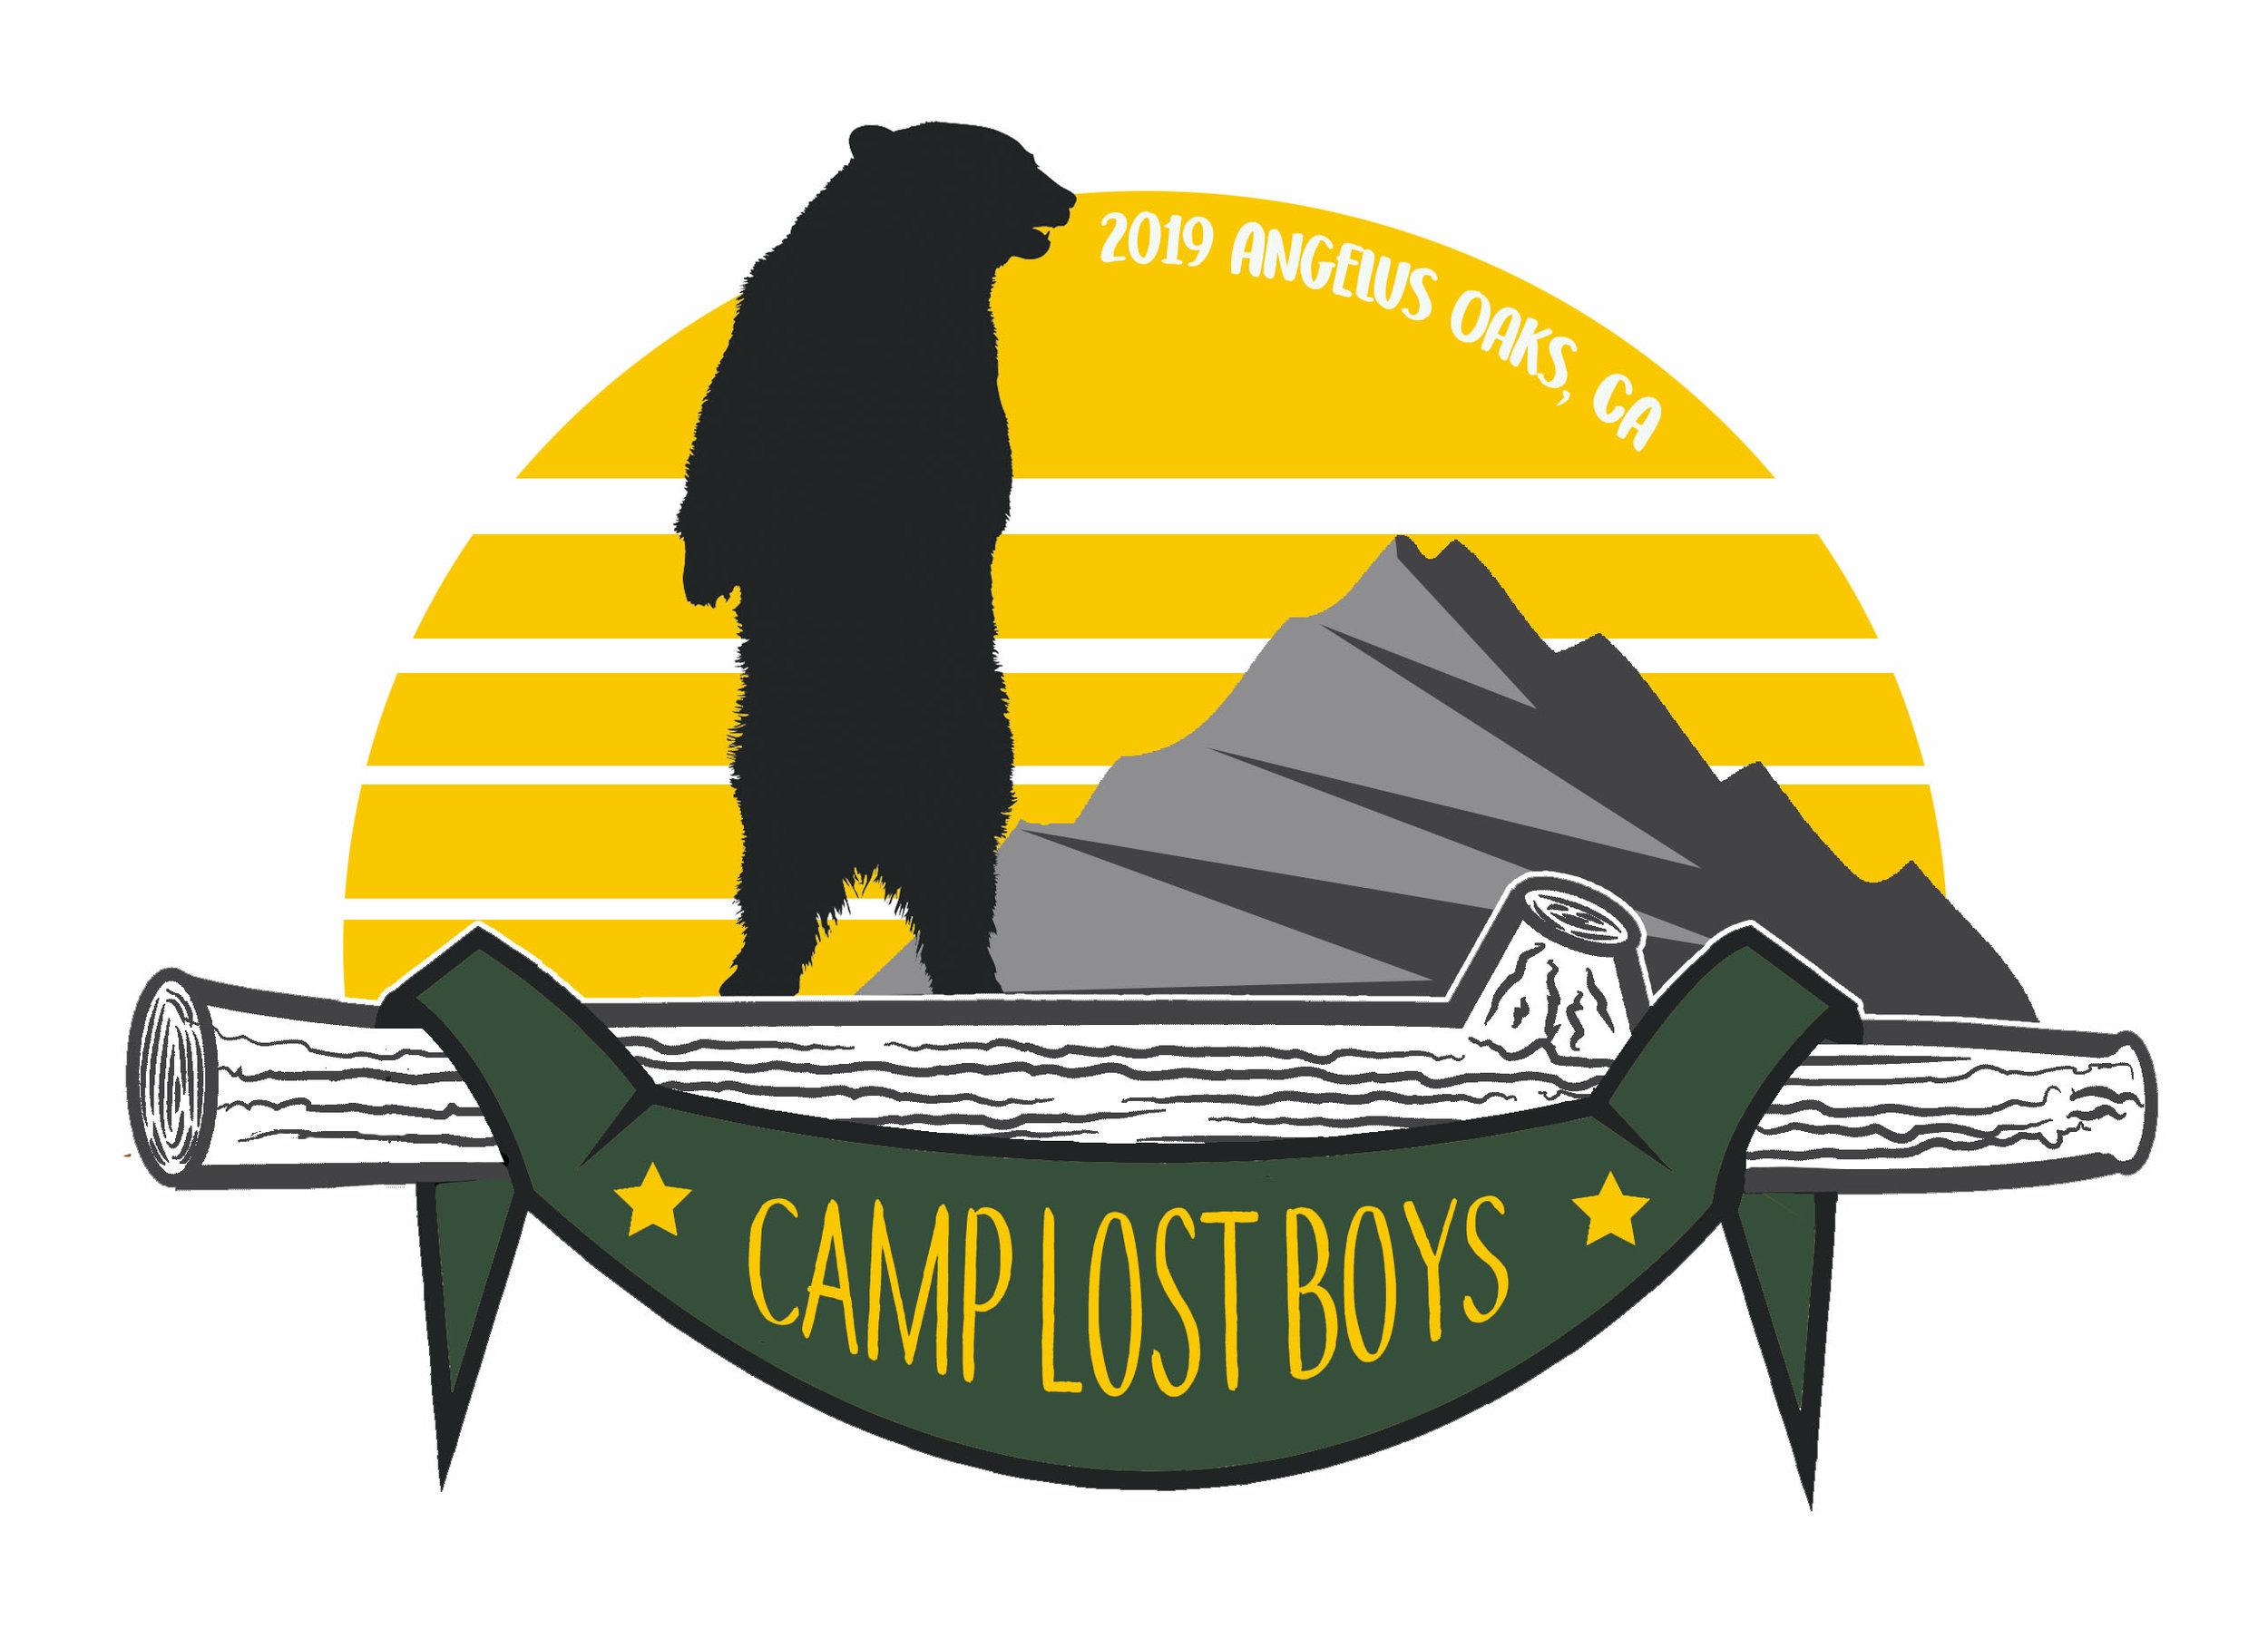 Camp Lost Boys 2019 Color (2).jpg